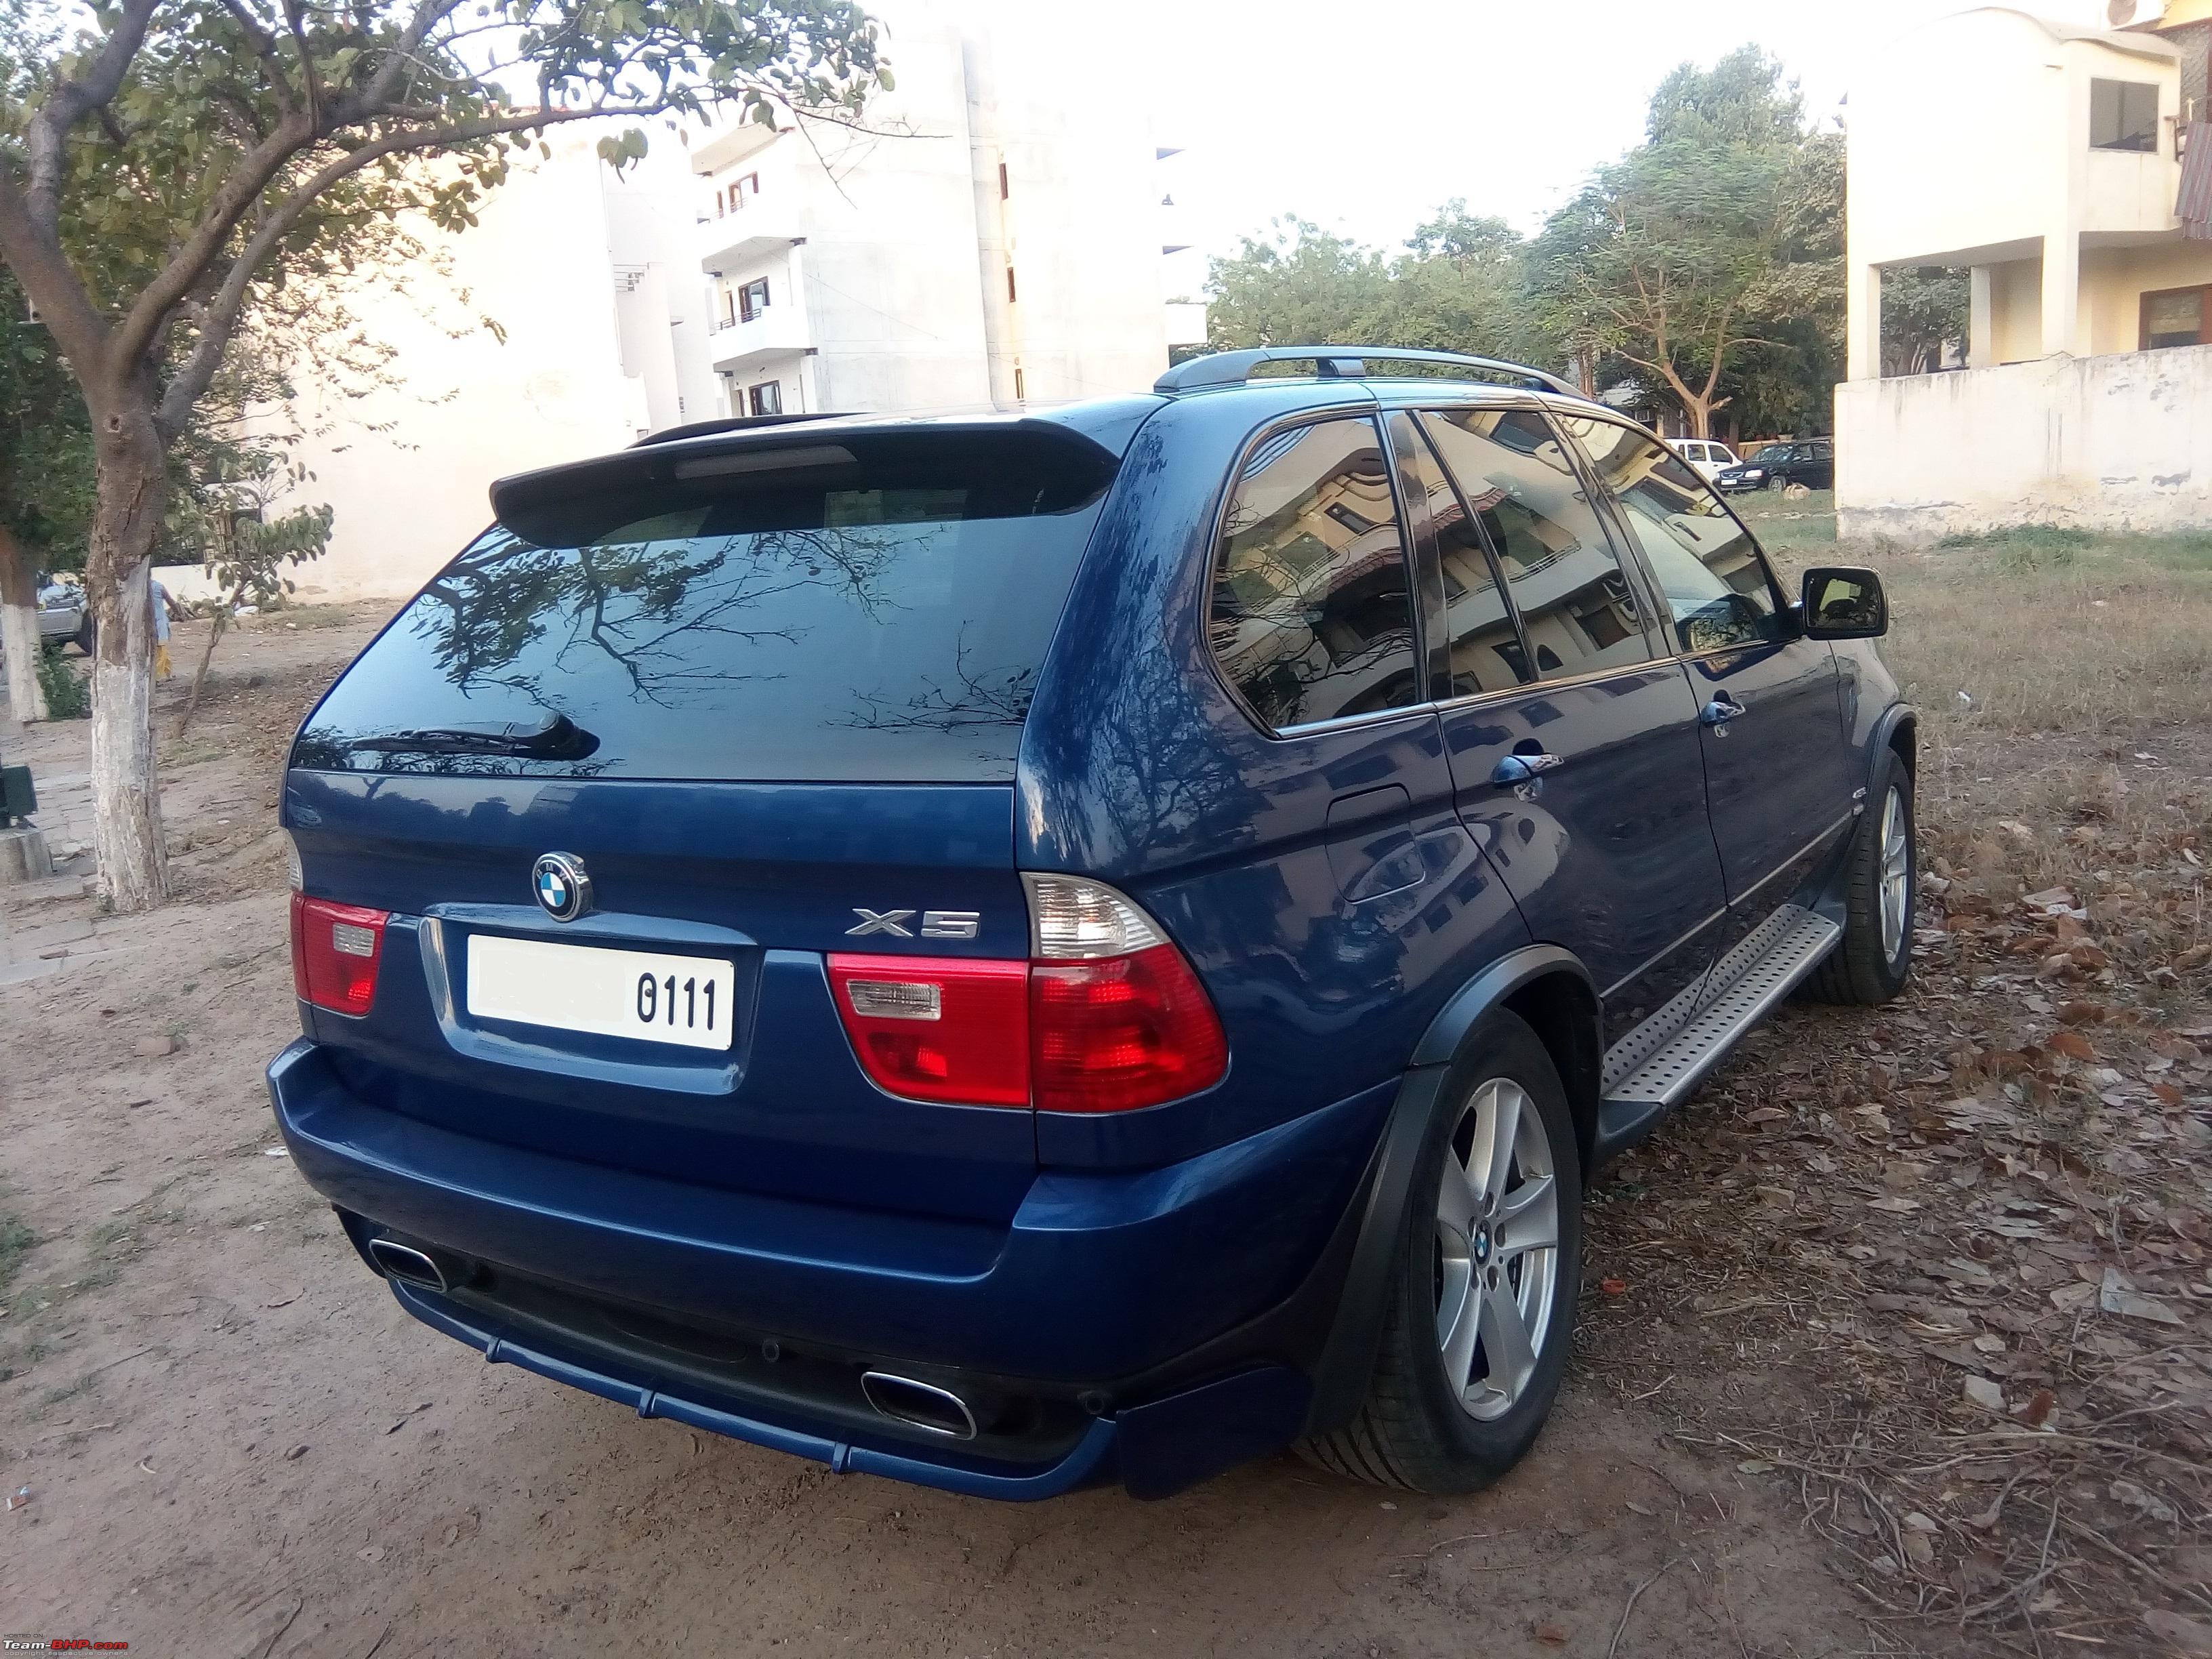 2009 bmw x5 48i 0-60